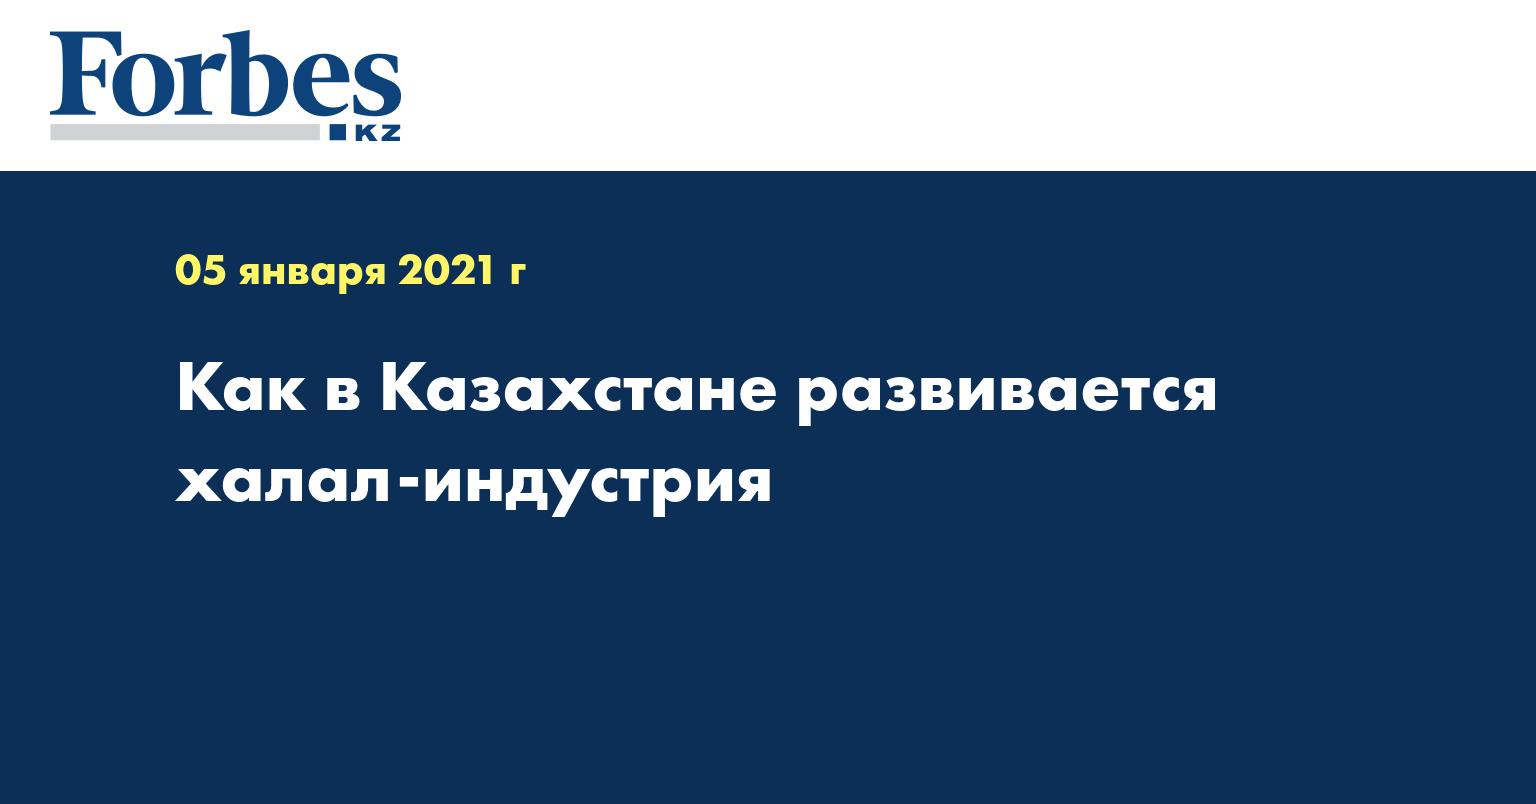 Как в Казахстане развивается халал-индустрия